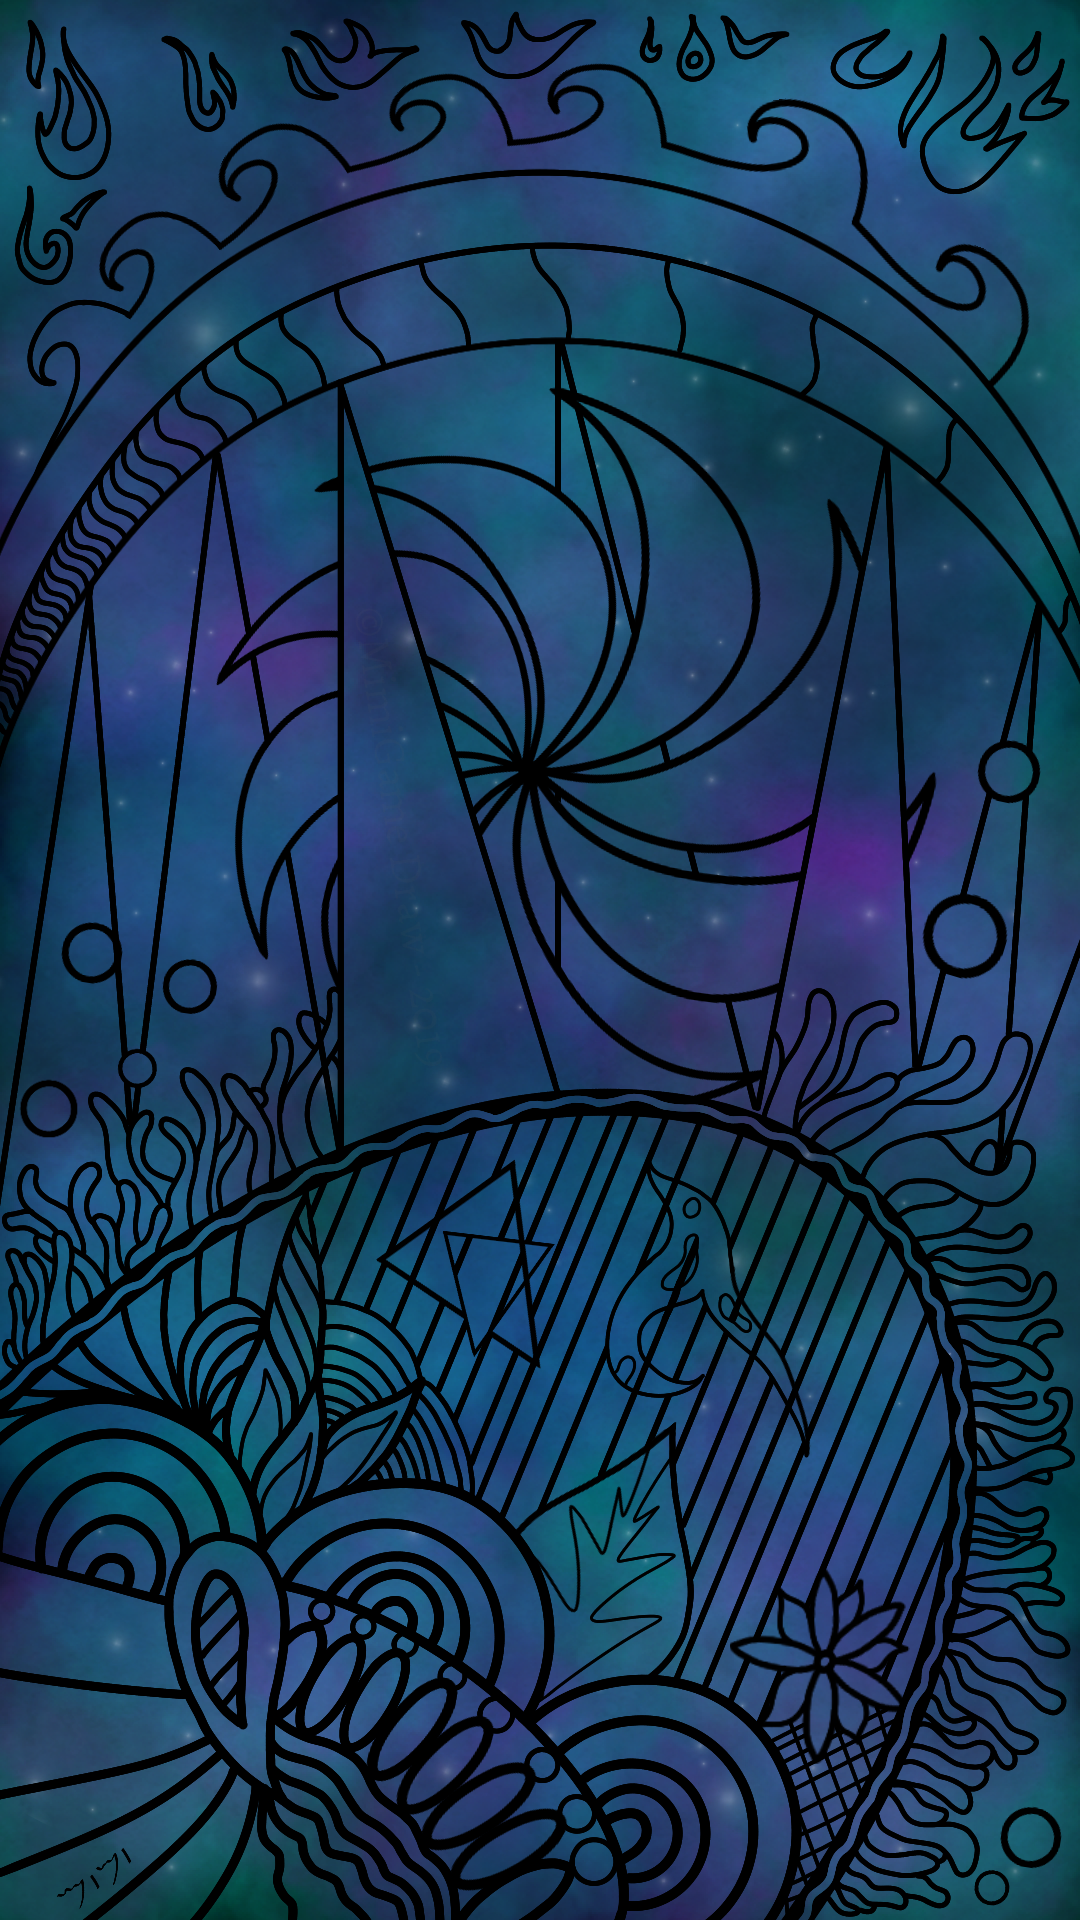 sketch-1559301943856